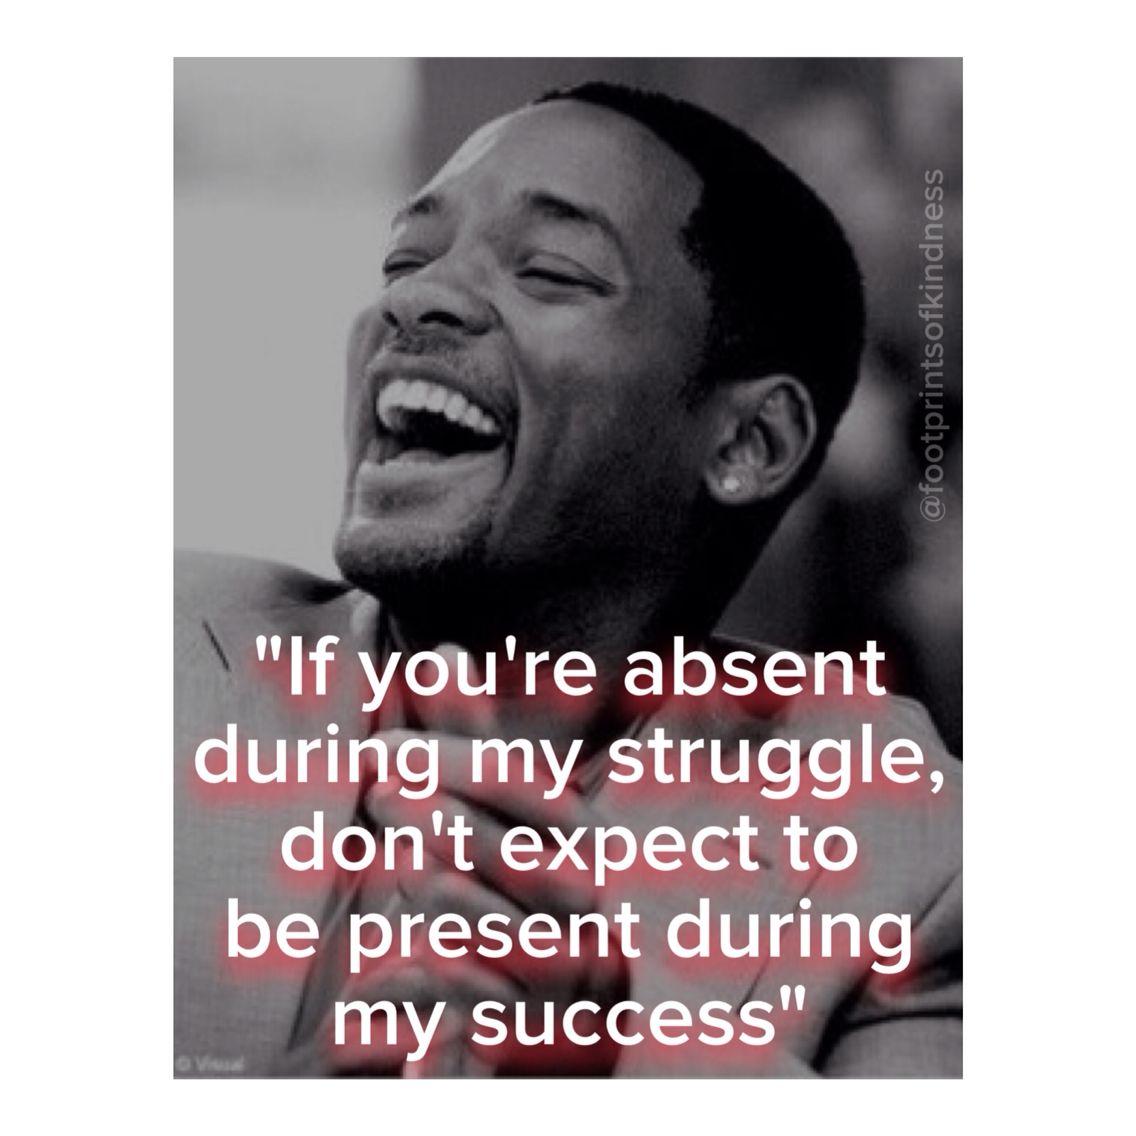 Success #success @footprintsofkindess